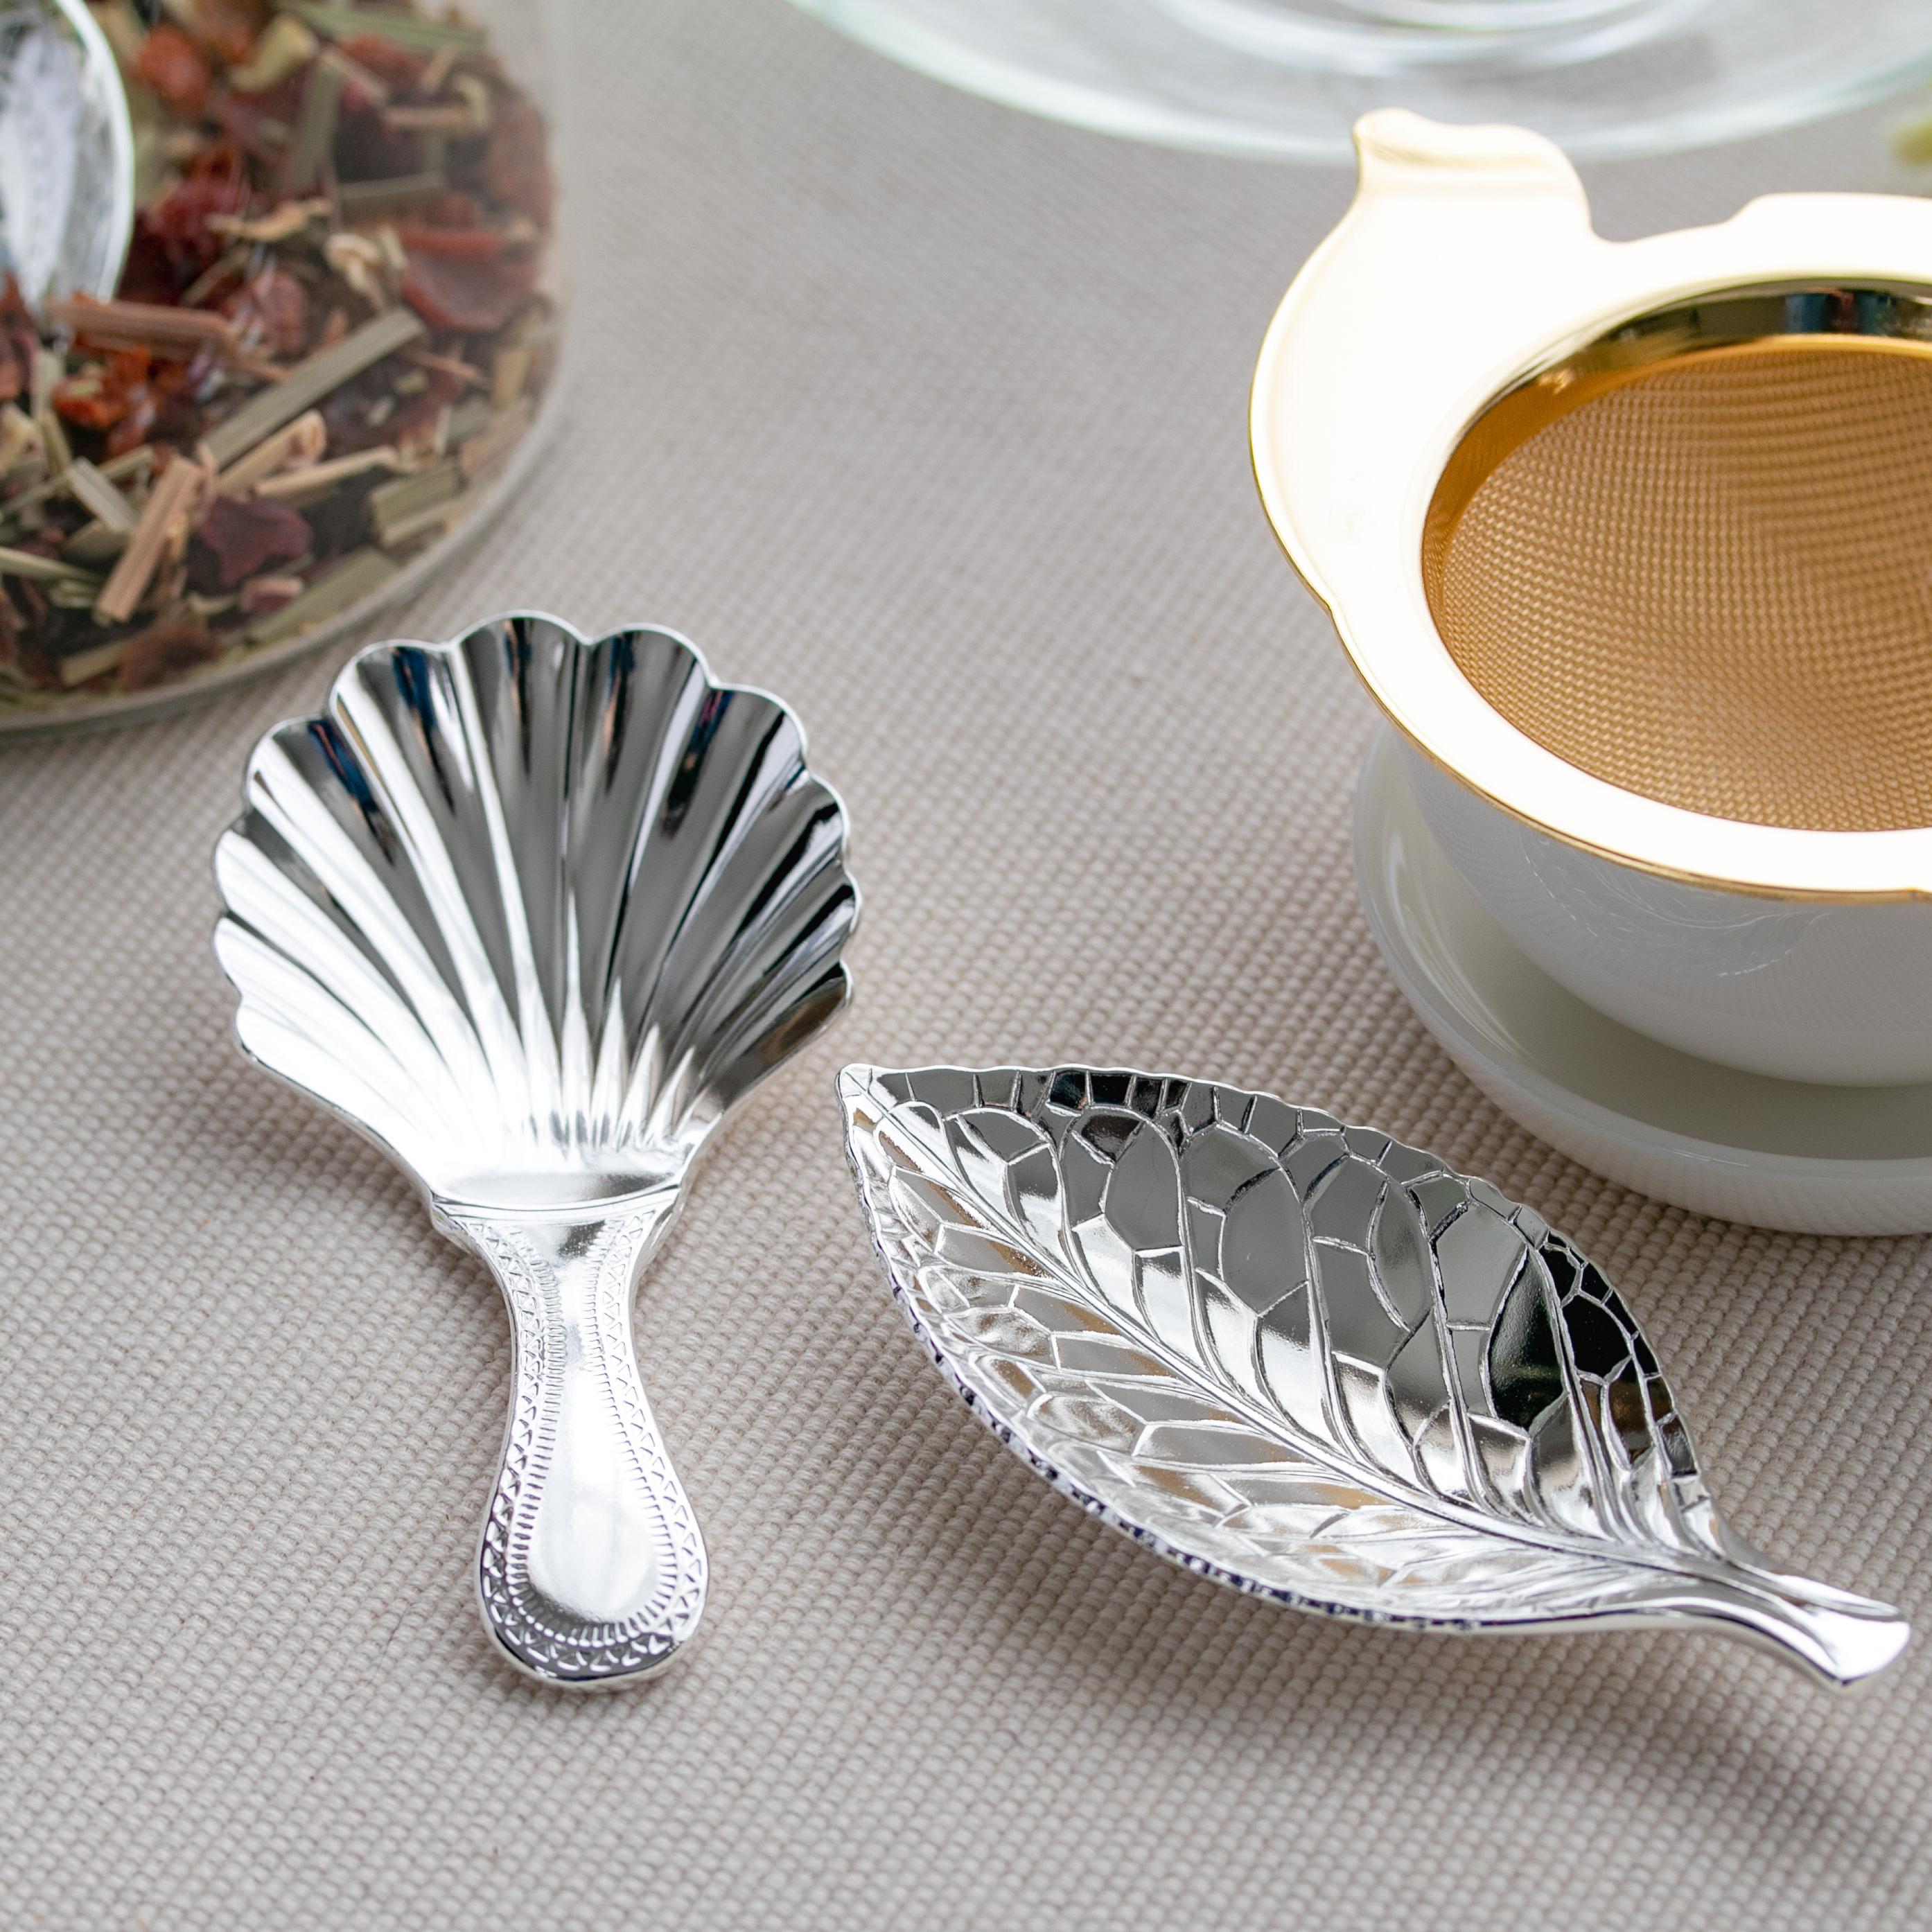 カジュアルプロダクト ティーキャディースプーン シェルワーク お茶